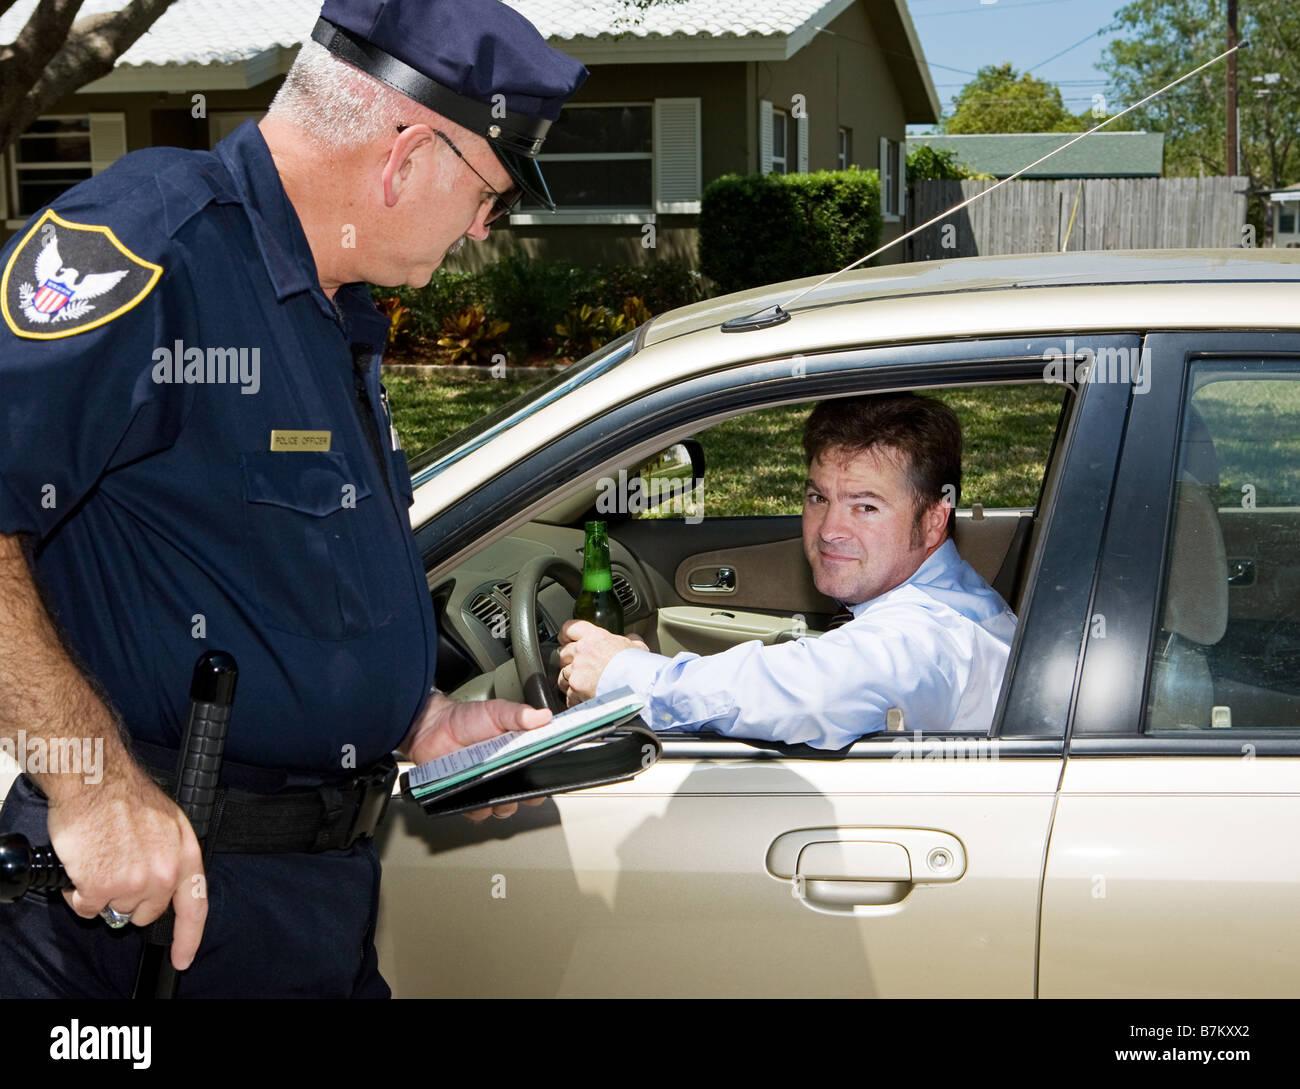 Funzionario di polizia tirando su un autista ubriaco il conducente è in possesso di una birra e guardando imbarazzato Immagini Stock